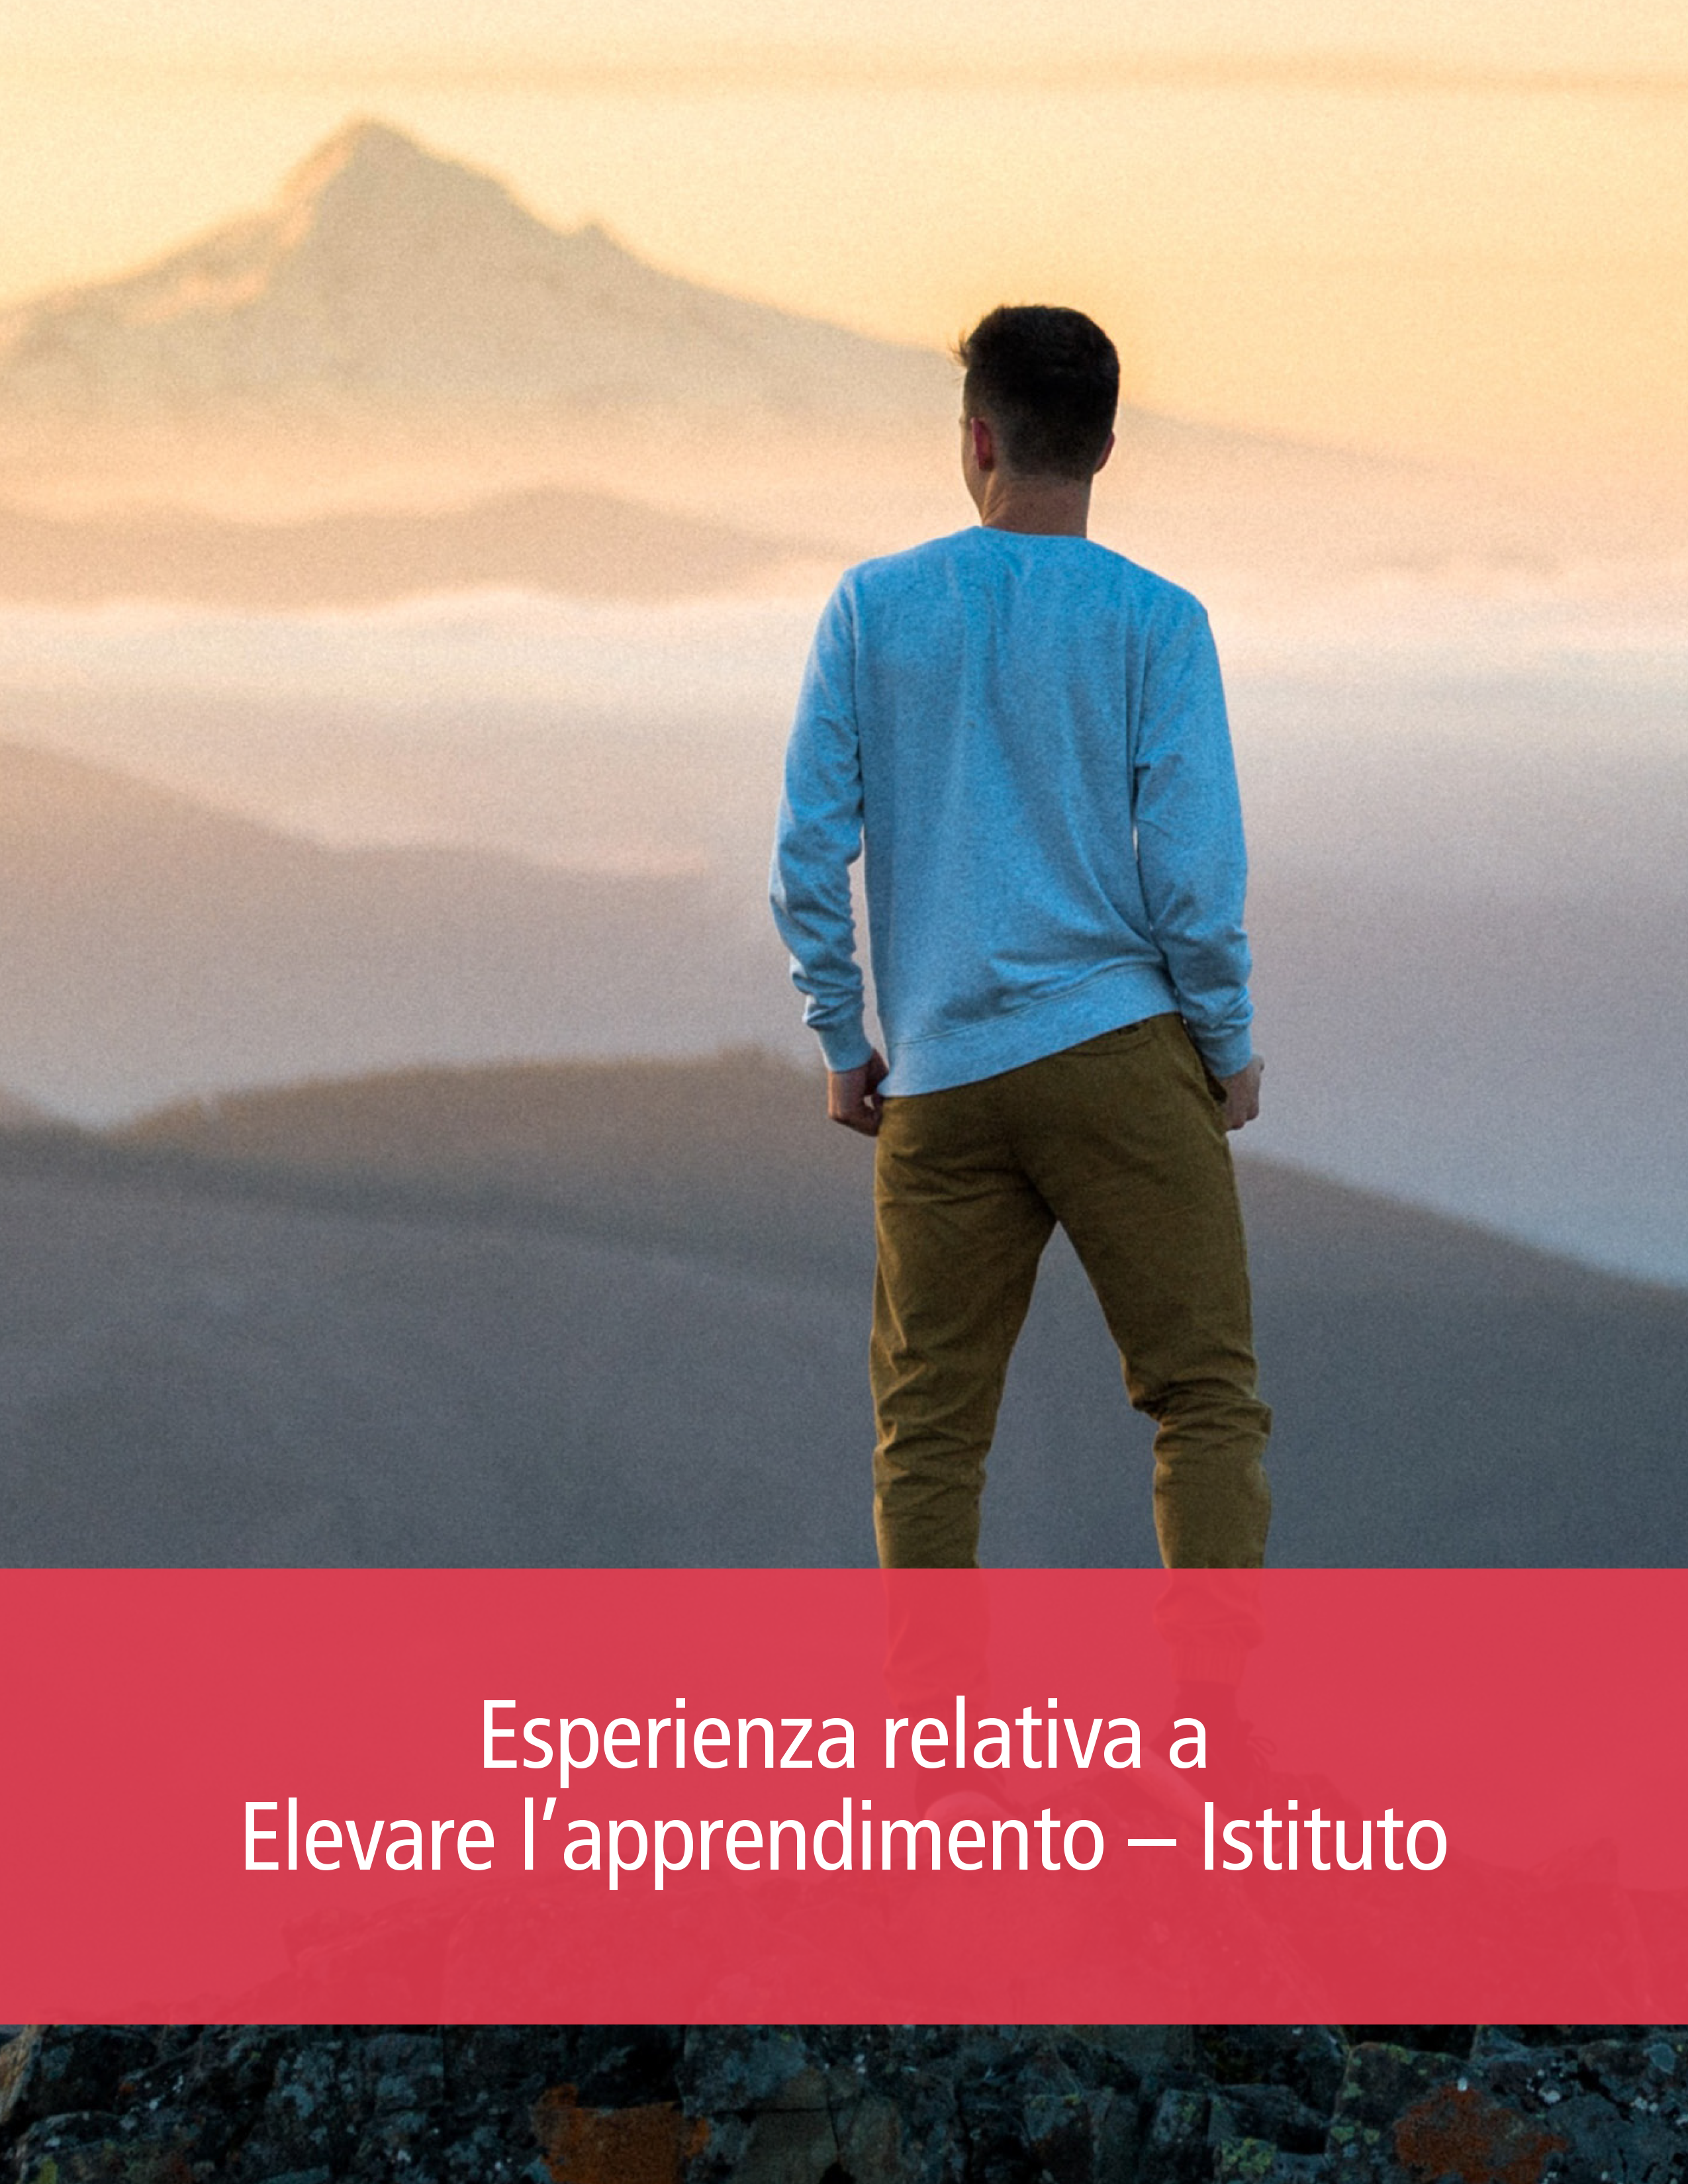 Esperienza relativa a Elevare l'apprendimento – Istituto